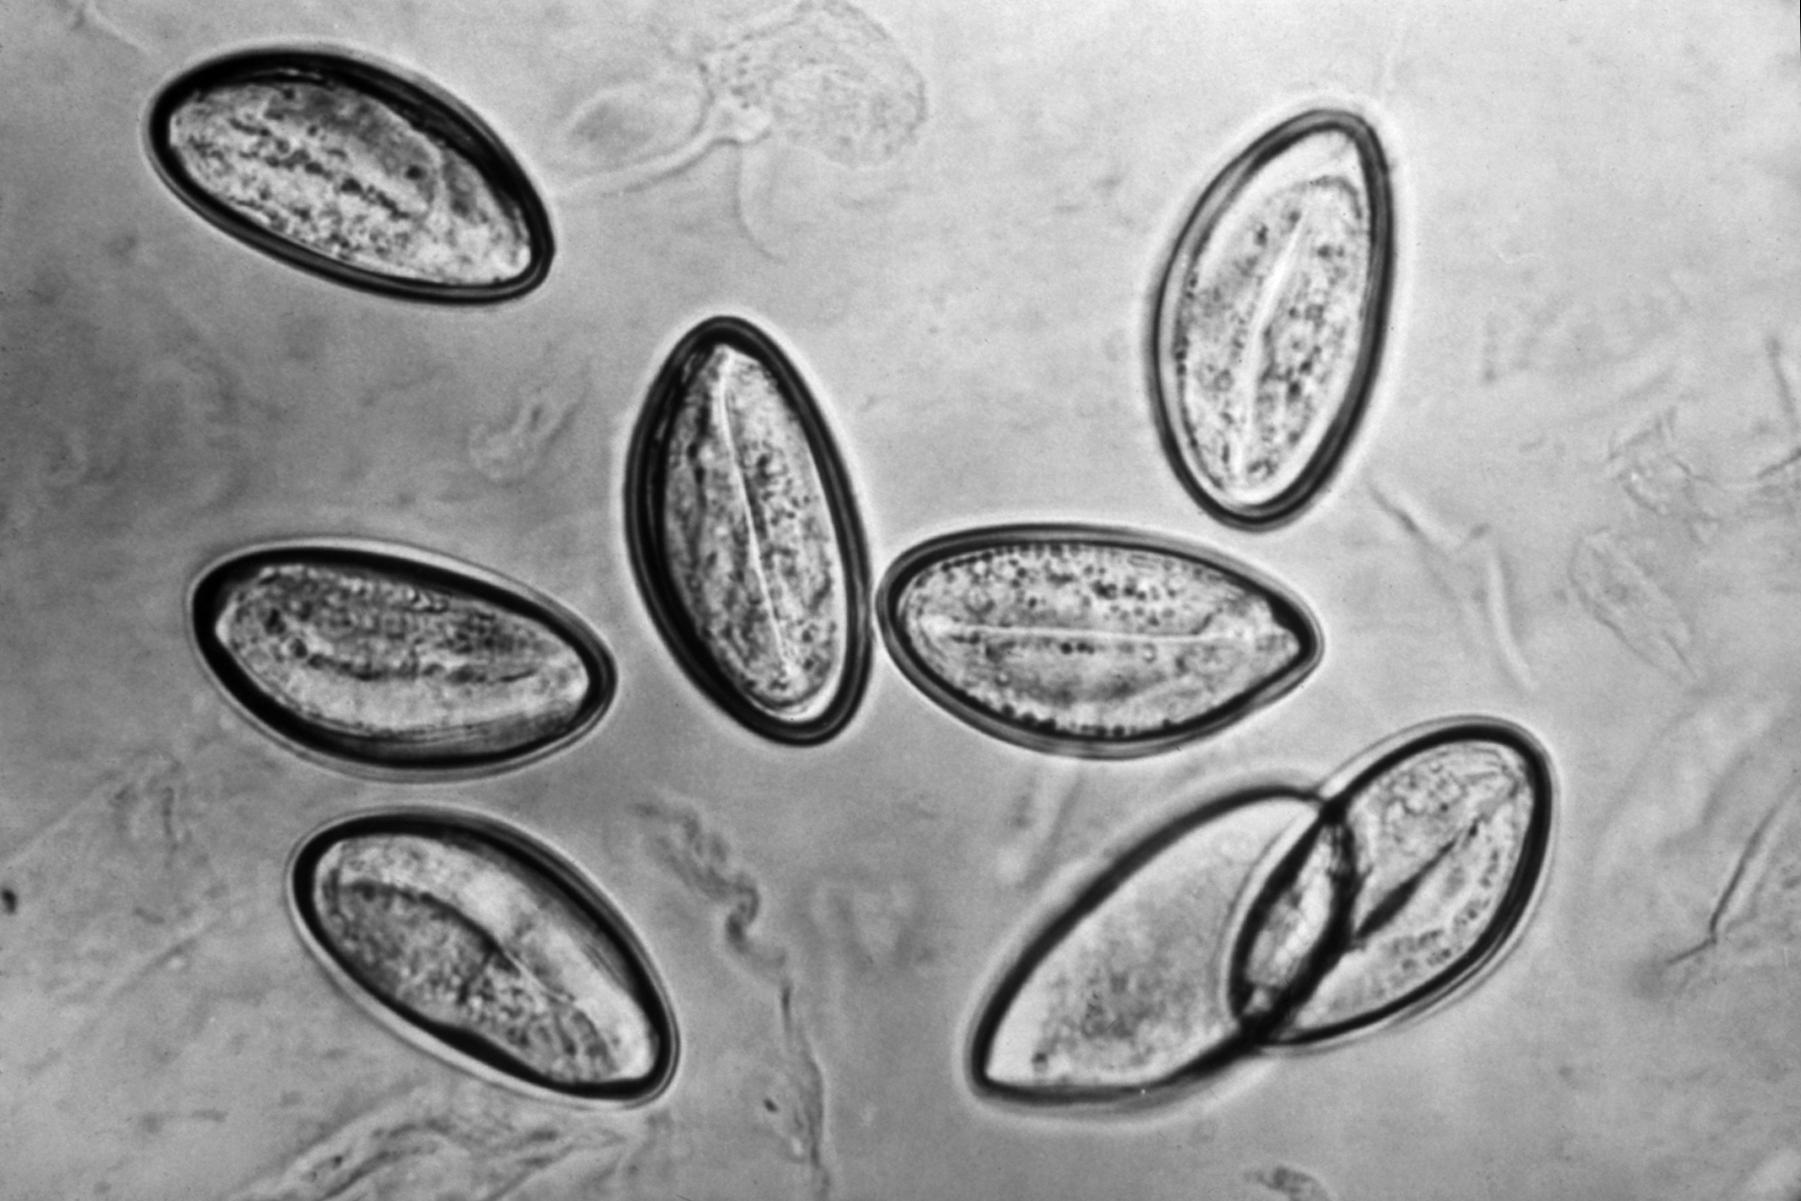 enterobiasis by pinworm medicamento contra oxiuros